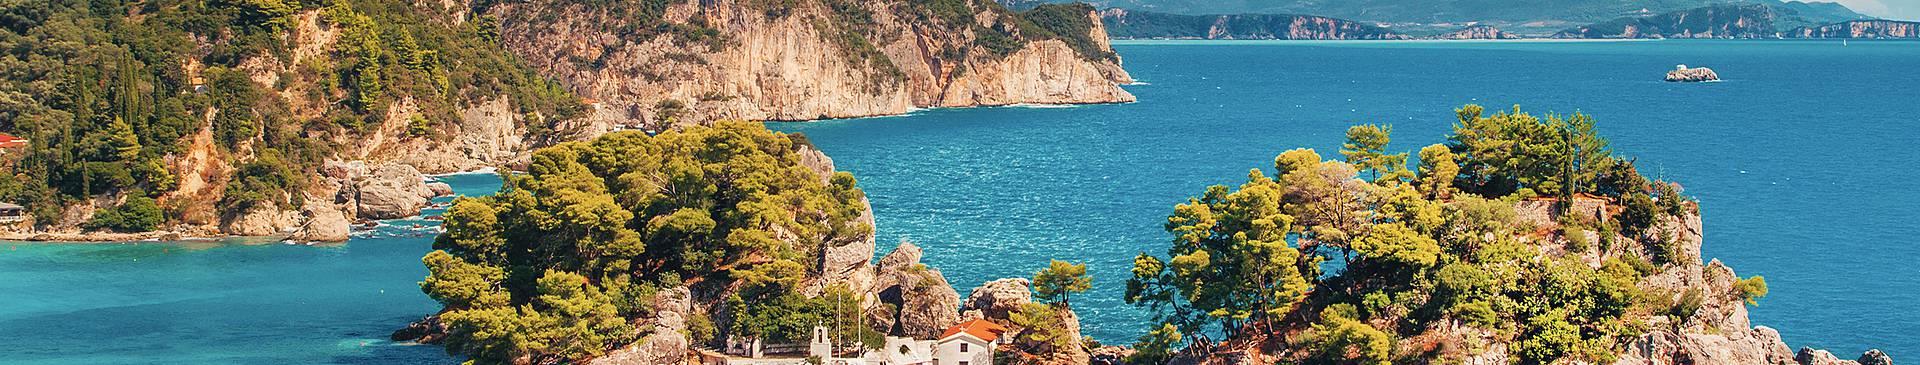 Viaggi nelle isole della Grecia